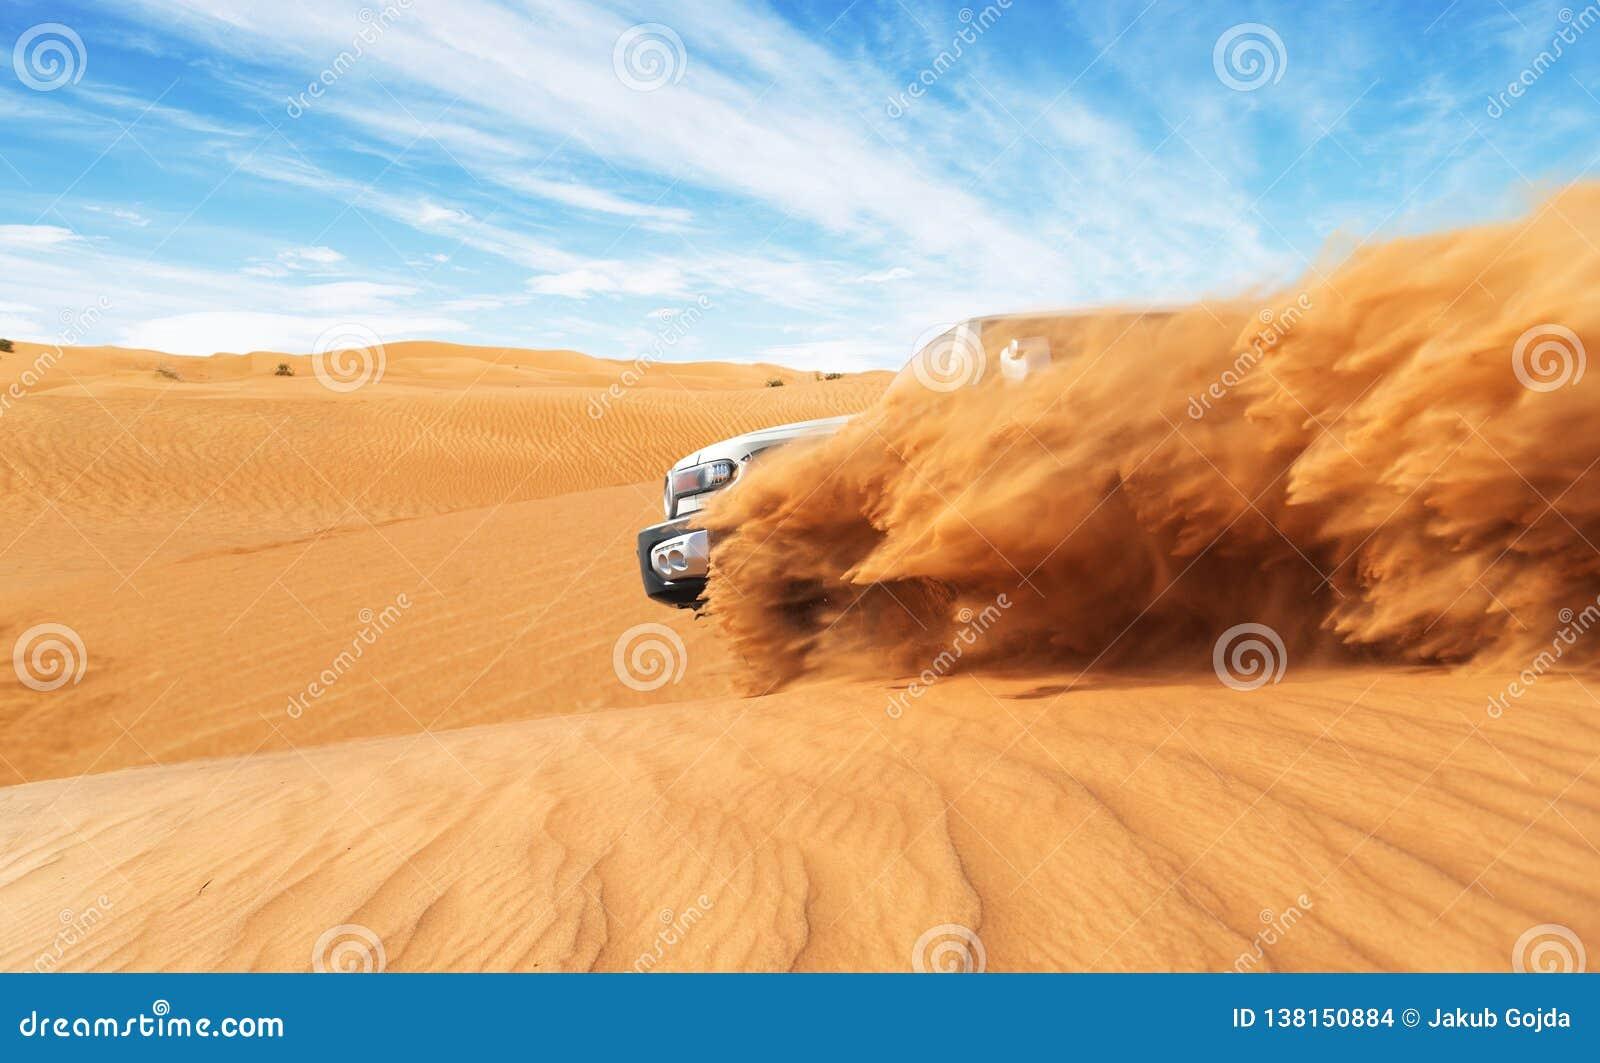 Drifting offroad car 4x4 in desert